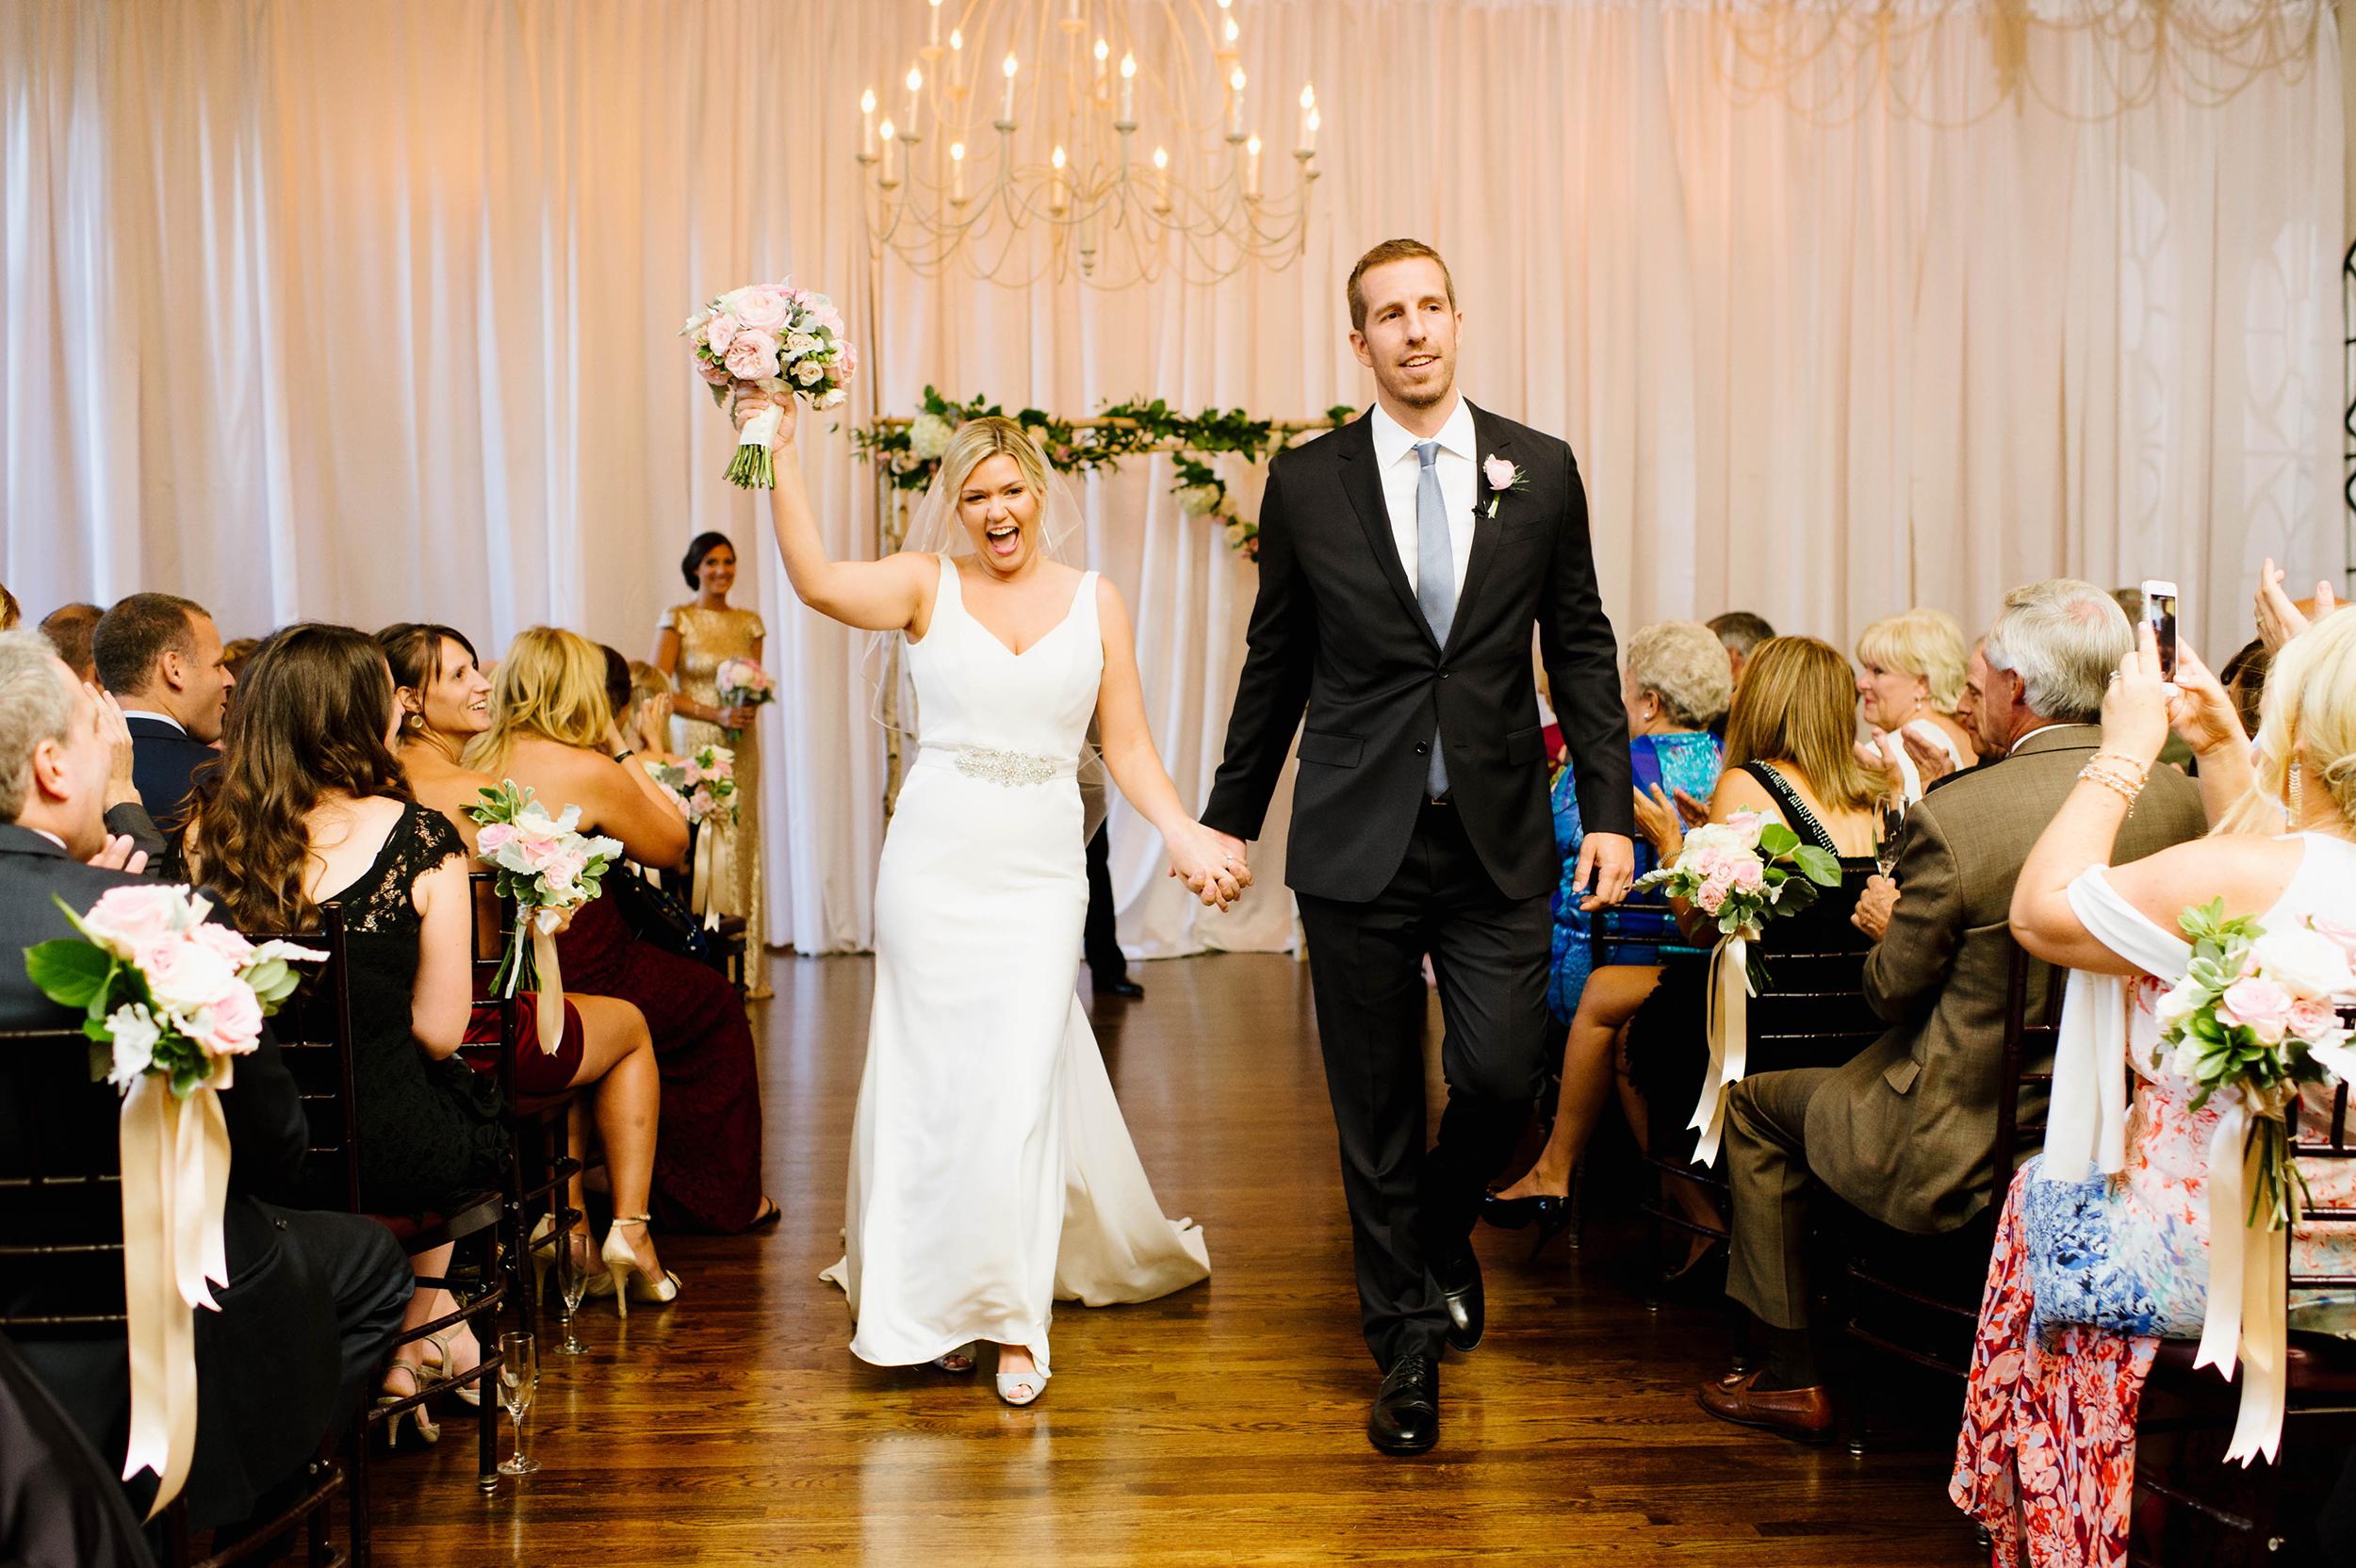 KAYLYN + JARRID ALDEN CASTLE WEDDING